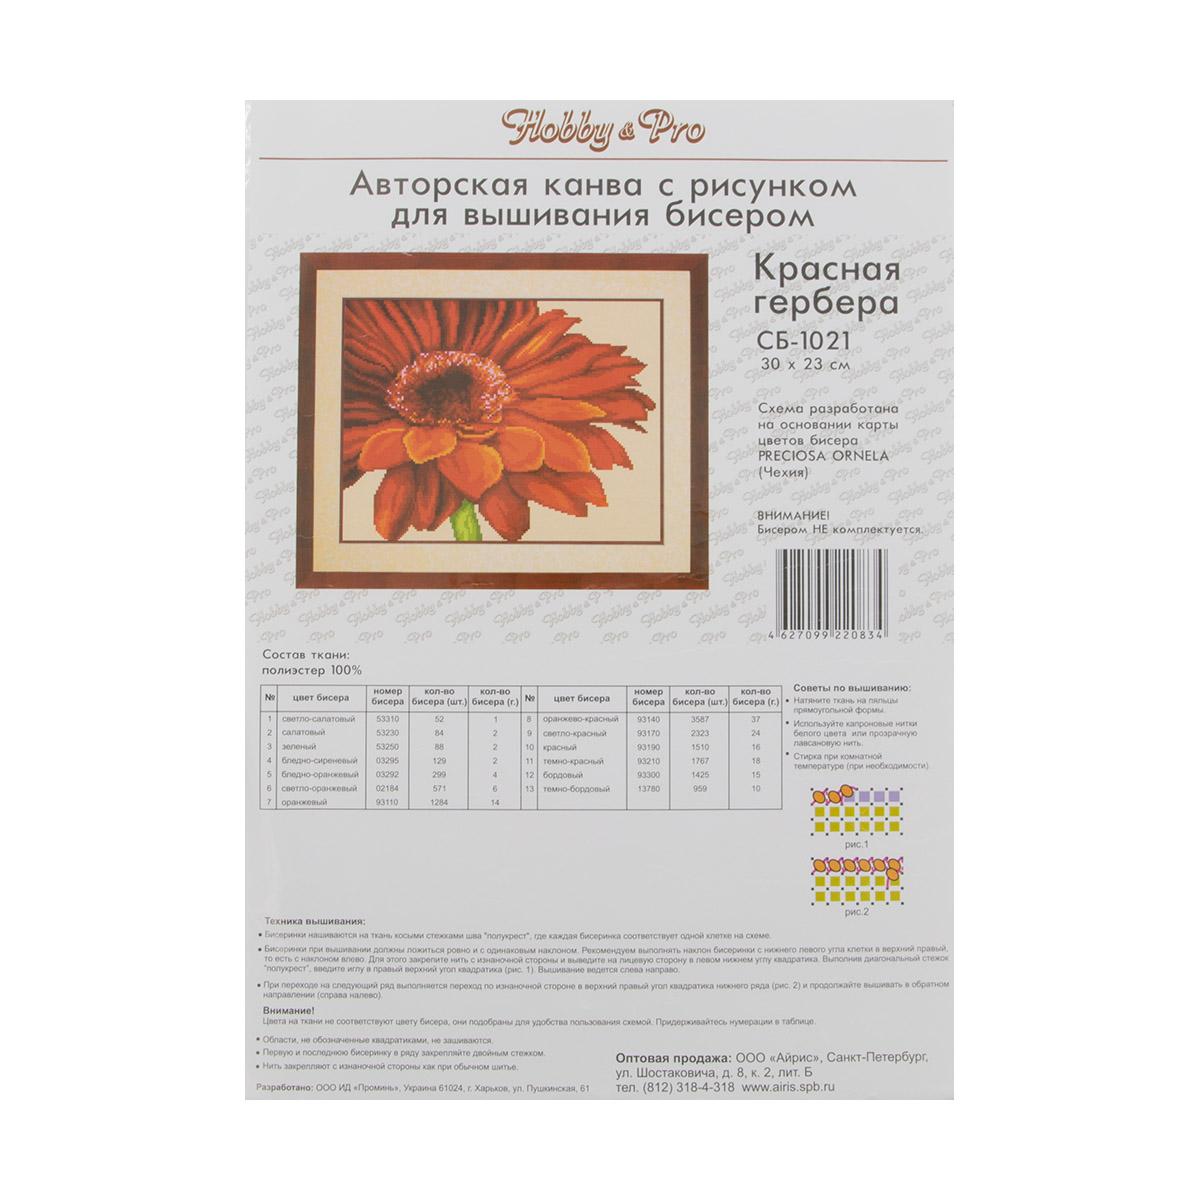 СБ-1021 Канва с рисунком для вышивания бисером 'Красная гербера' Hobby&Pro 30*23см